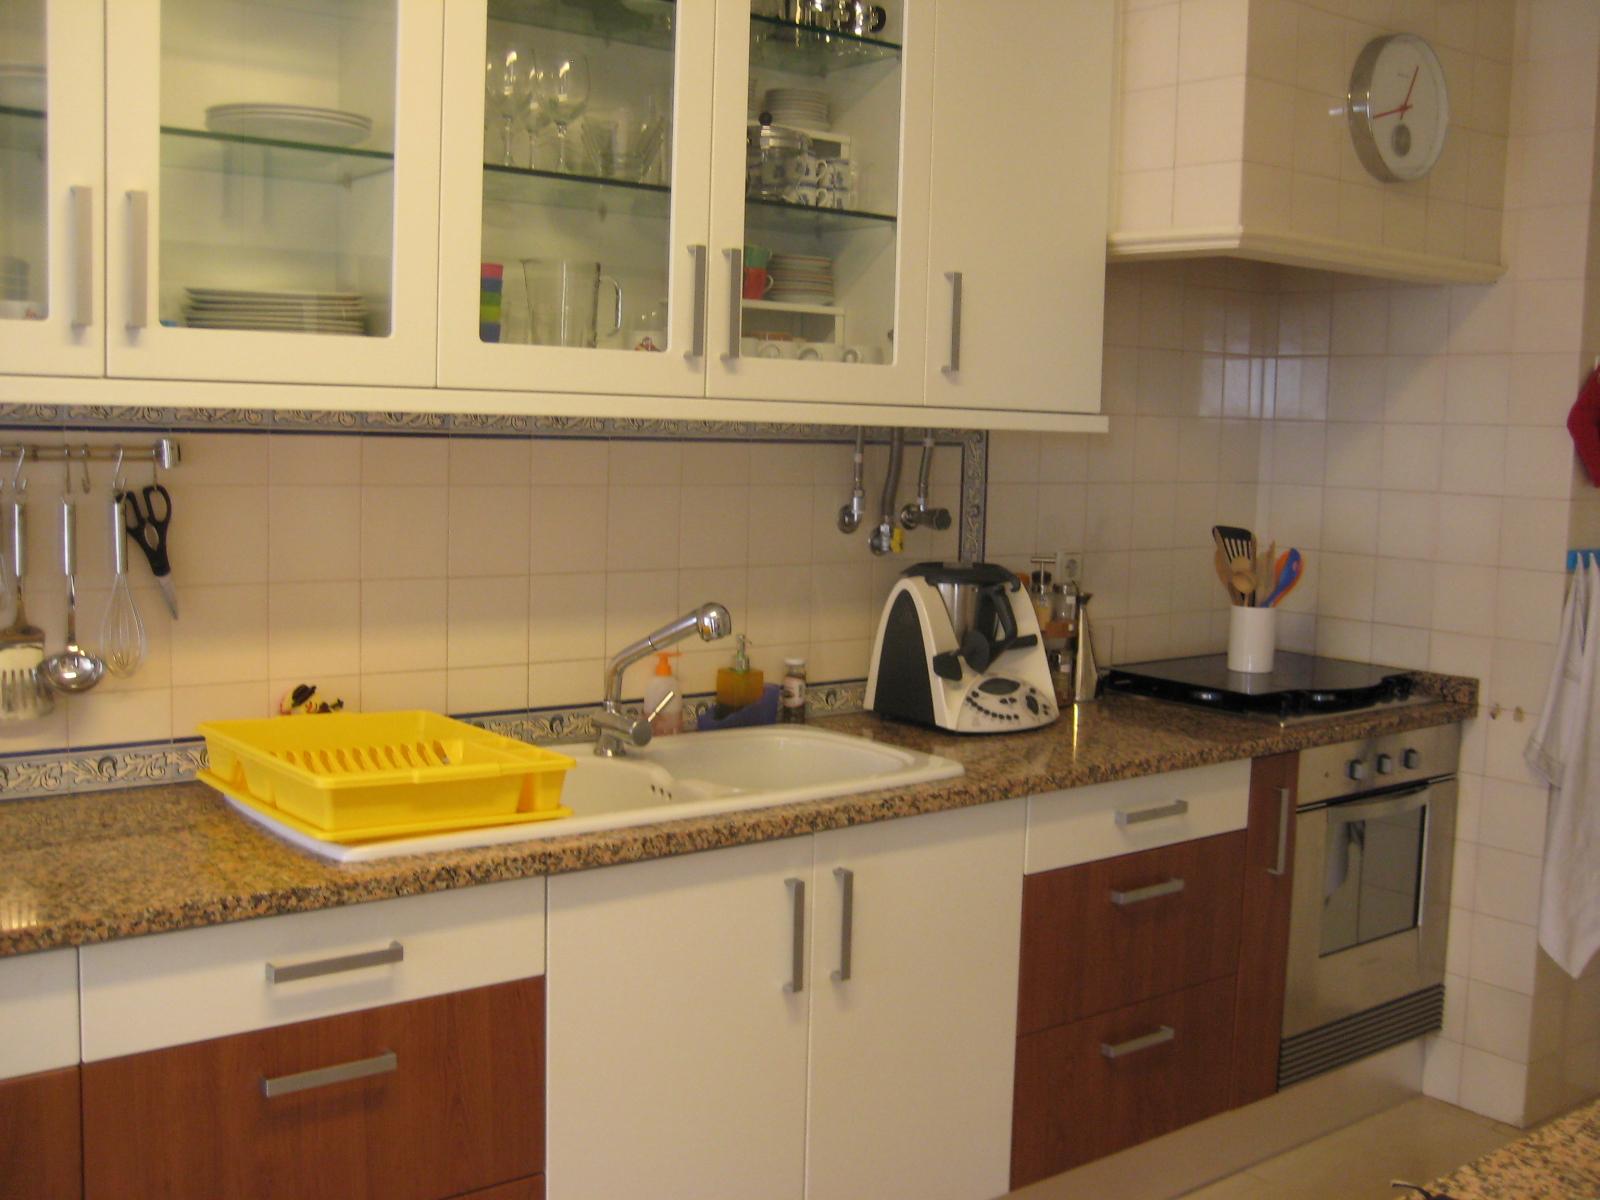 : Participação no passatempo A Minha Cozinha A Minha Receita #B99412 1600 1200